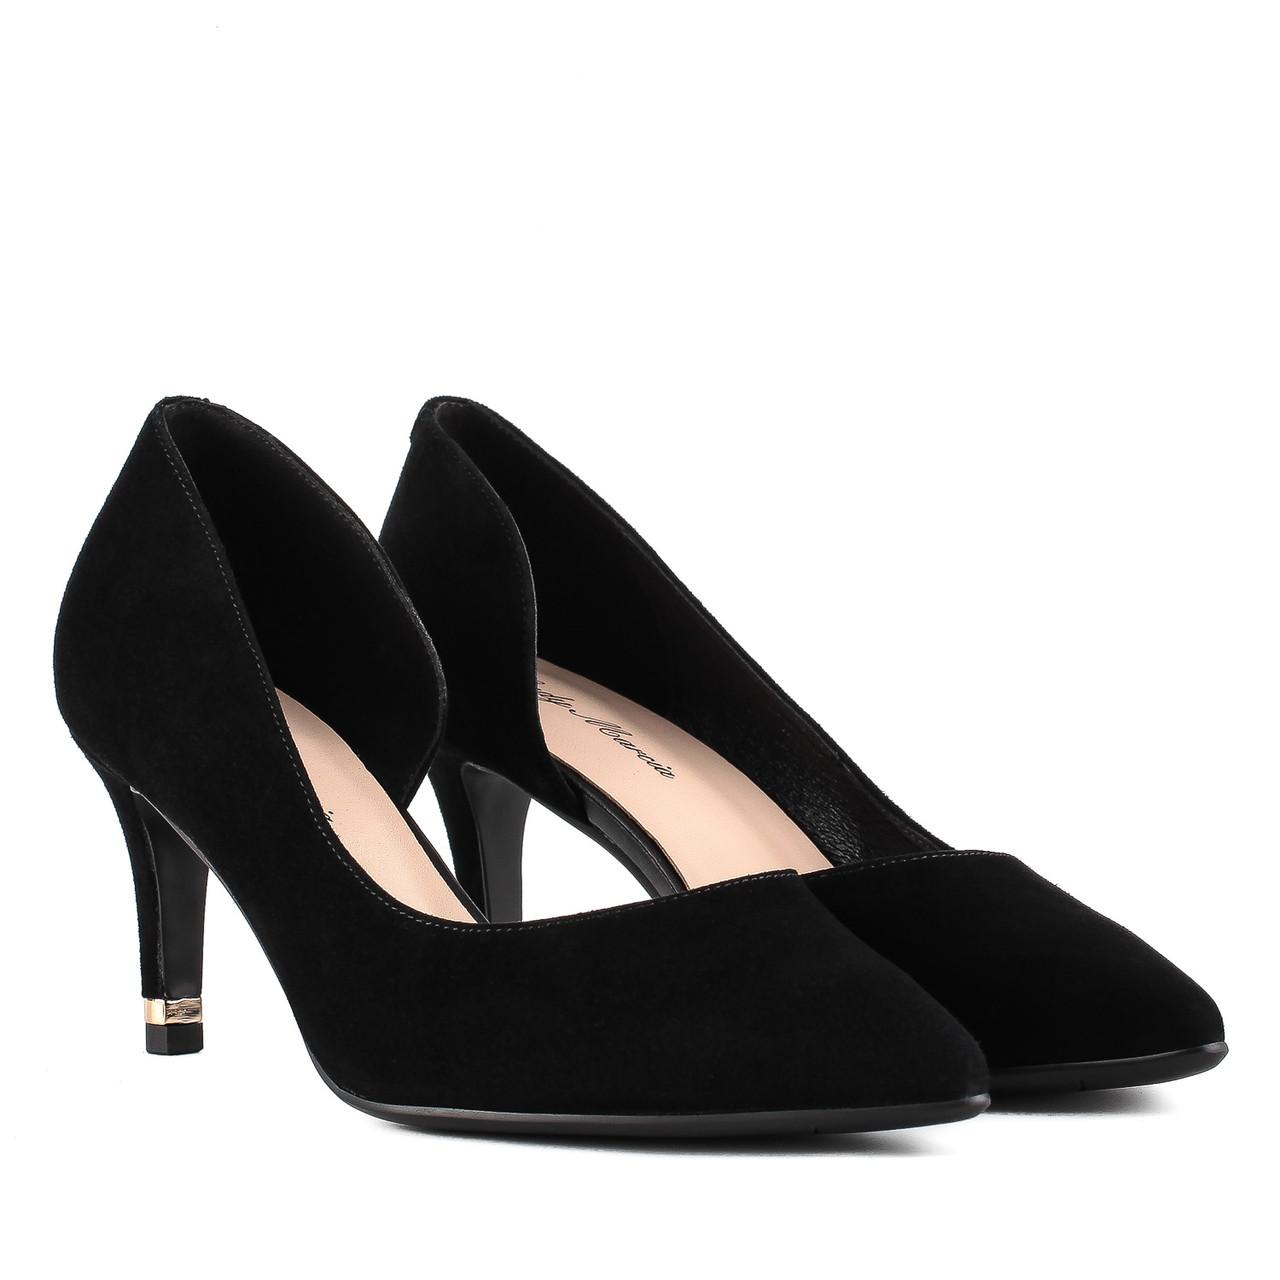 Туфли женские LADY MARCIA (черные, элегантные, на шпильке, роскошный дизайн)